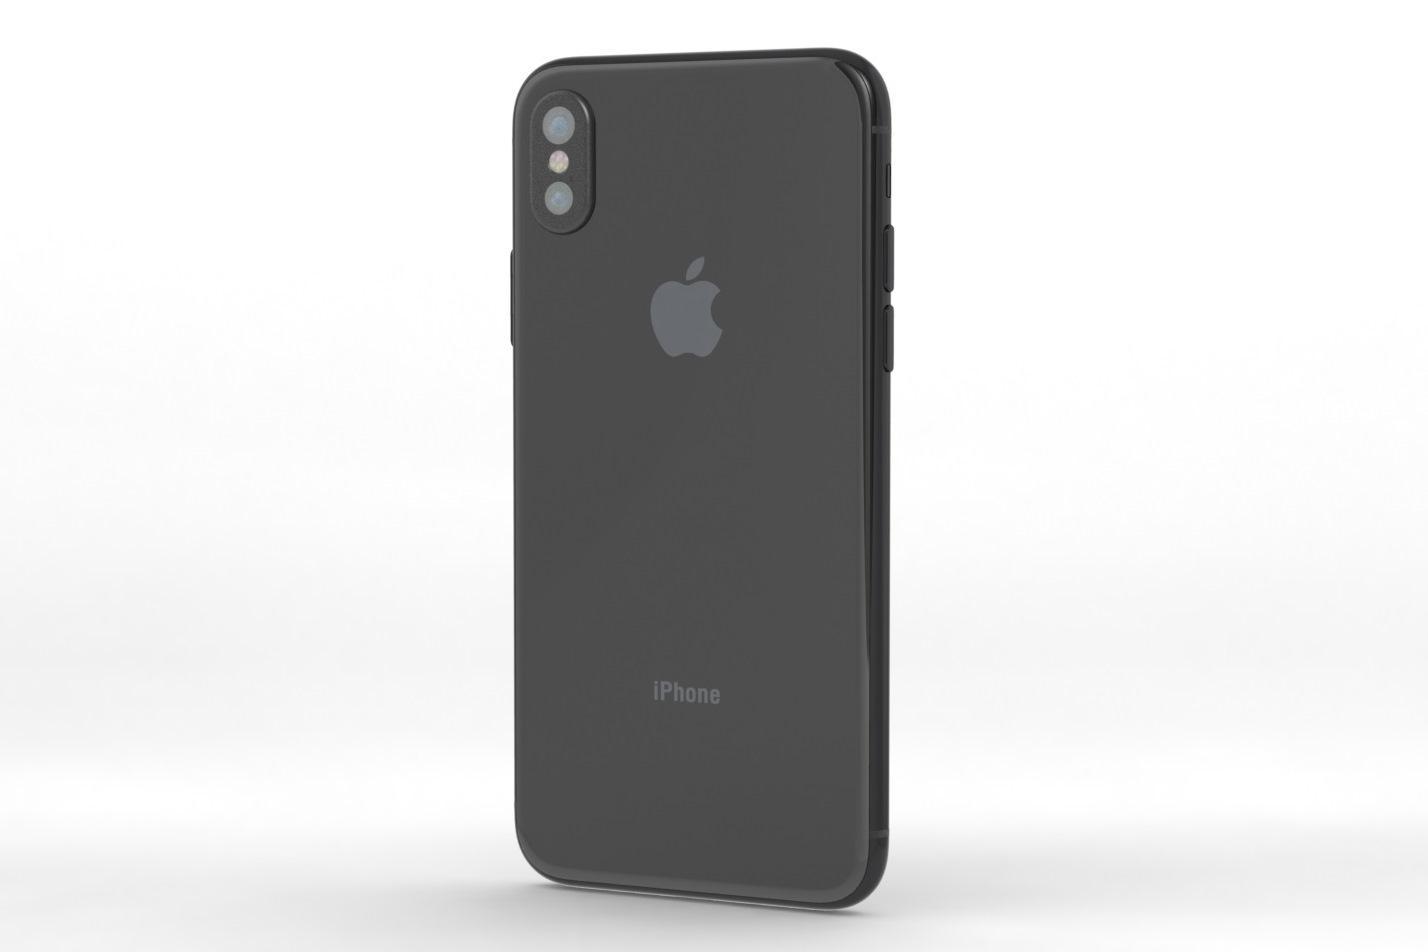 apple iphone 8 touch id auf der seite und weitere. Black Bedroom Furniture Sets. Home Design Ideas